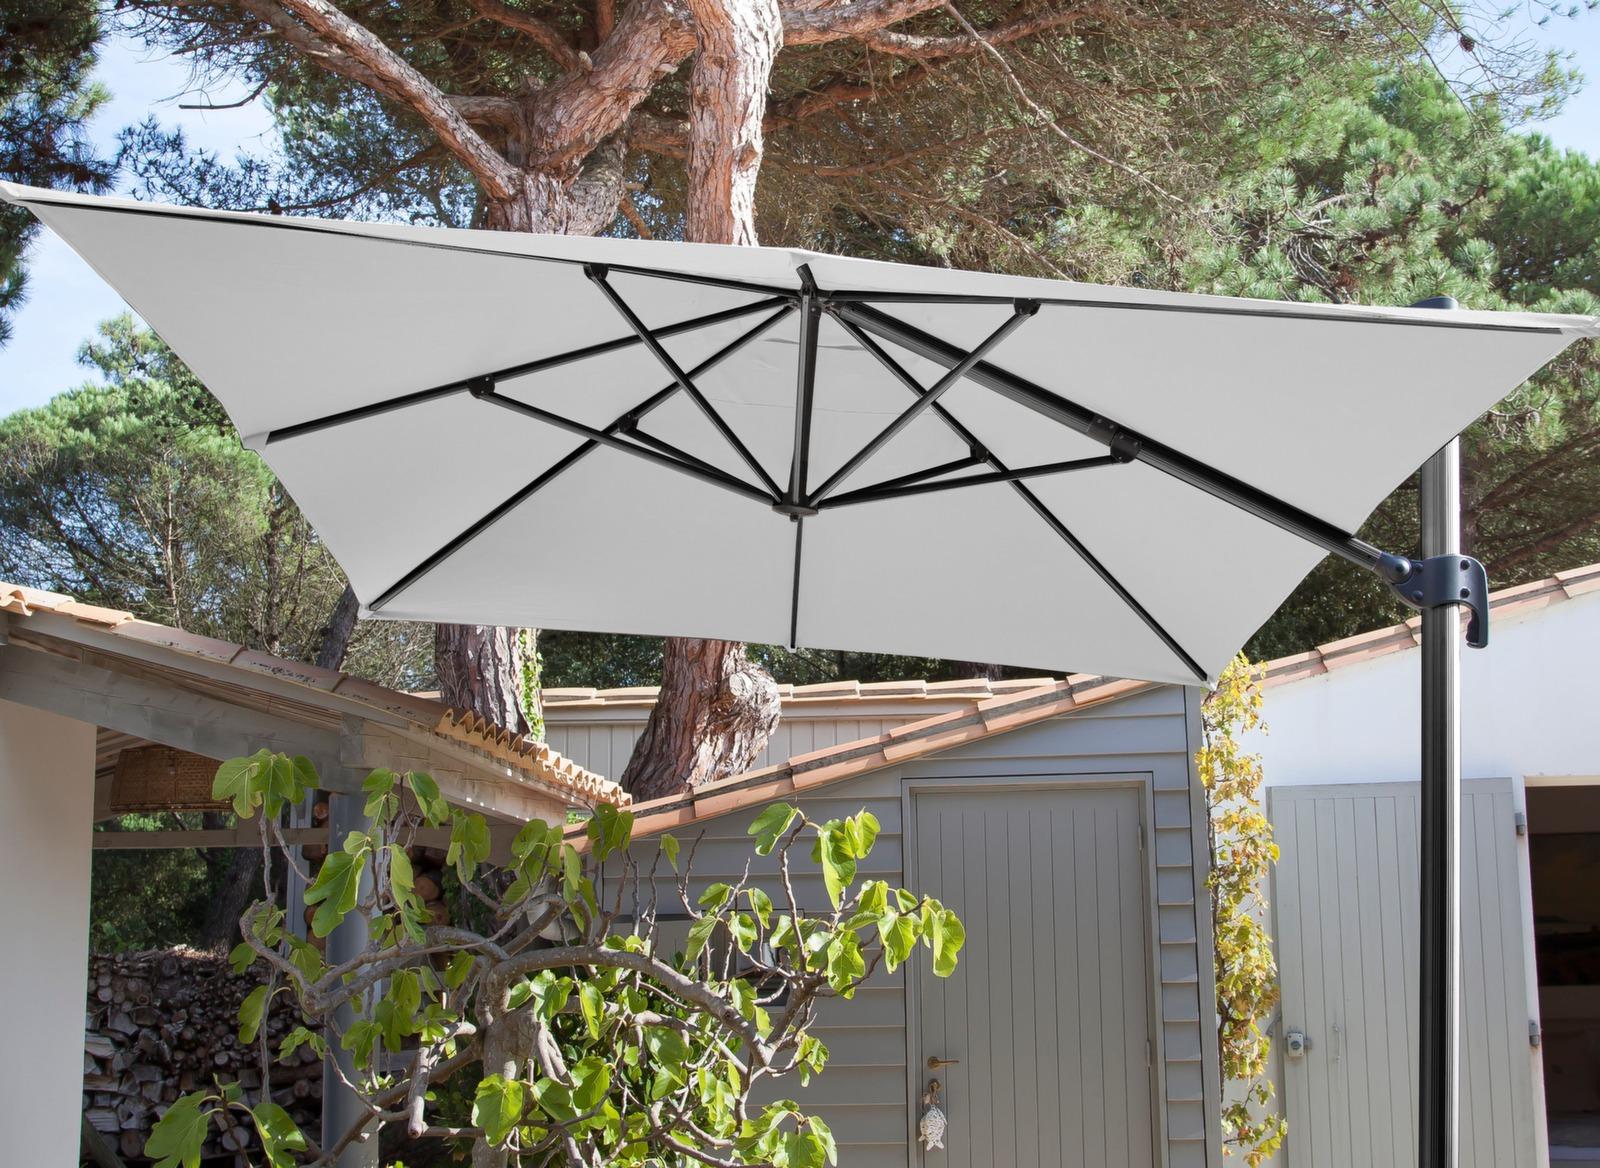 toile pour parasol d port rectangle 3x4m proloisirs. Black Bedroom Furniture Sets. Home Design Ideas